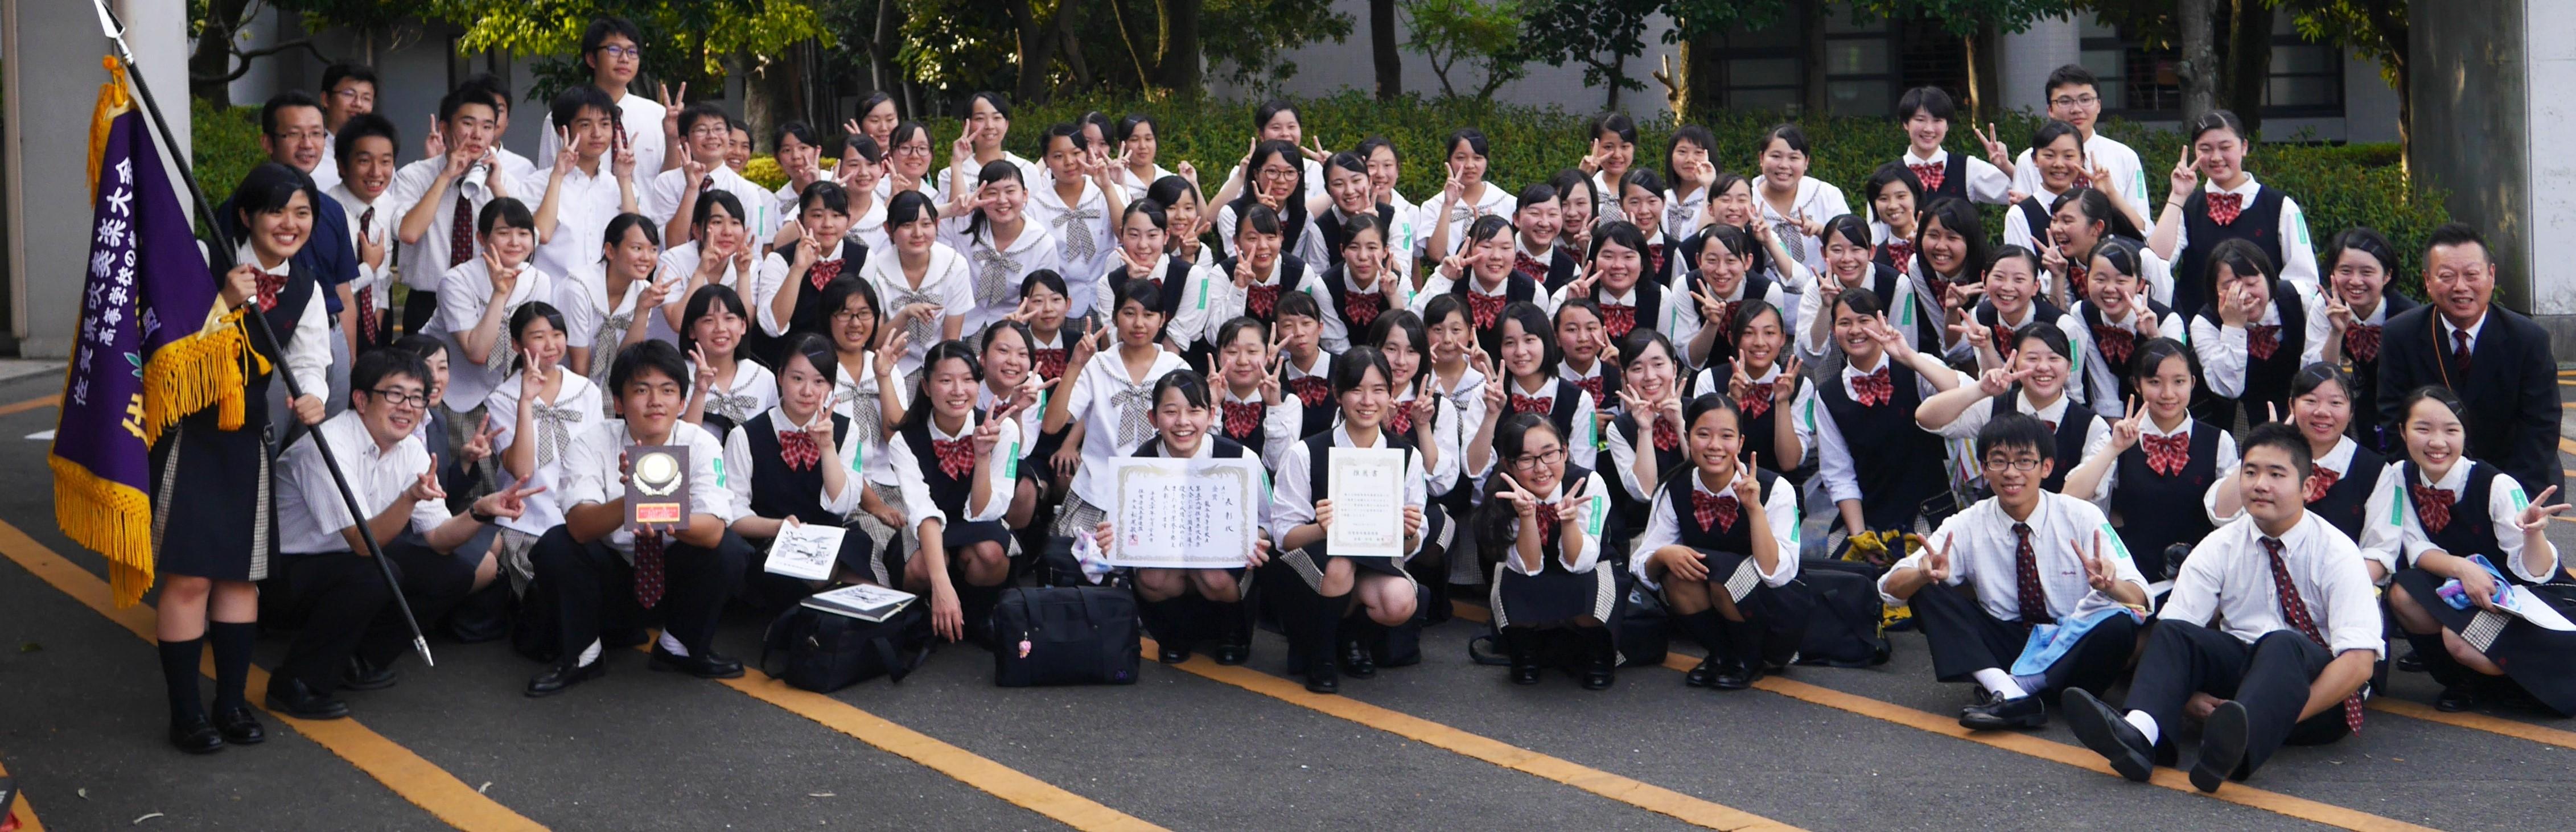 吹奏楽部アベック金賞!! | 新着情報 | 龍谷高等学校